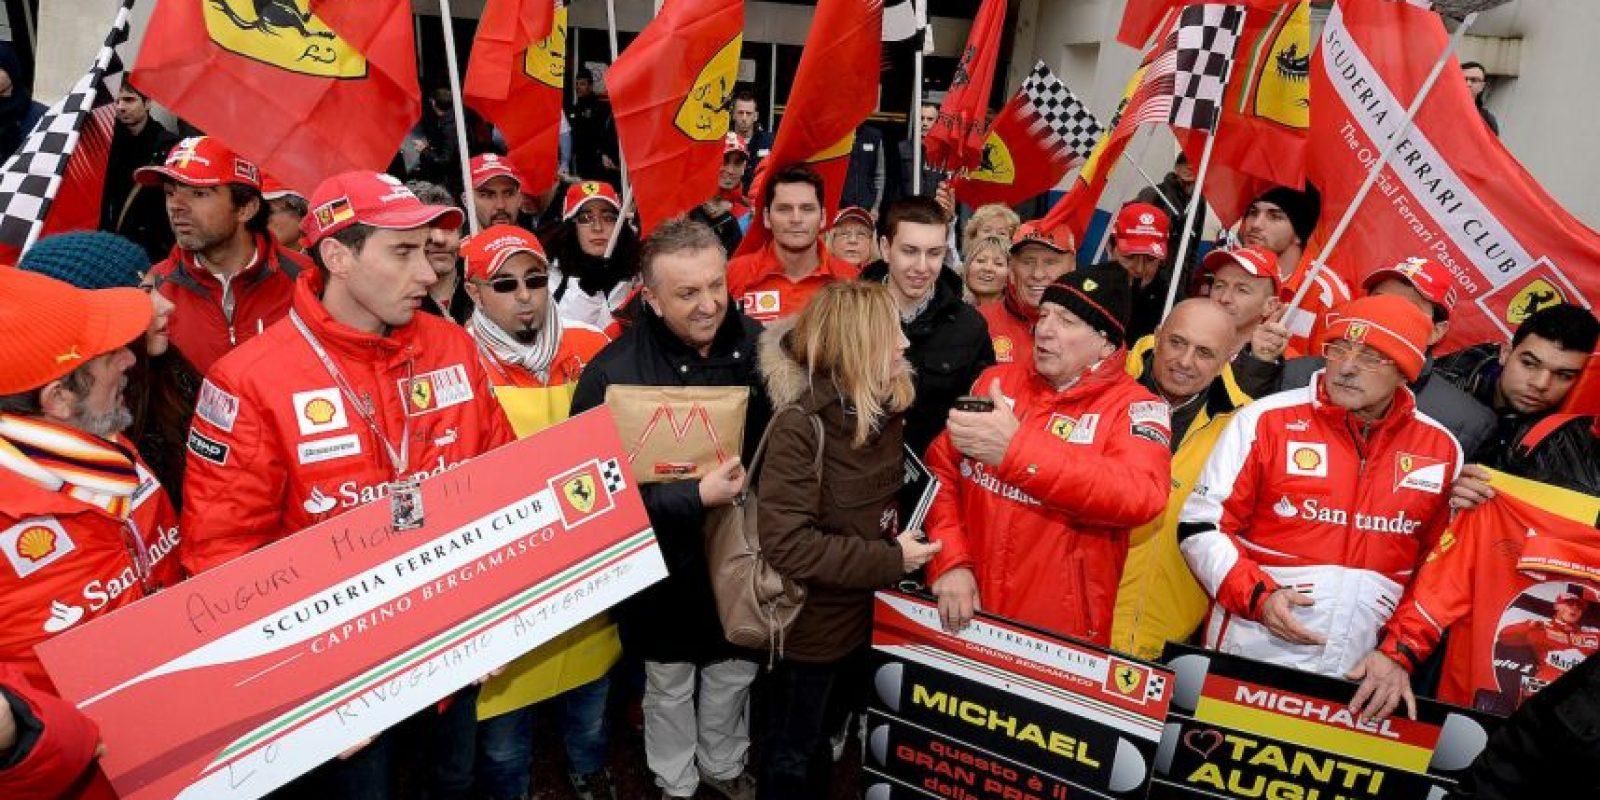 El 29 de diciembre de 2013, Schumacher sufrió un grave accidente de esquí mientras esquiaba con su familia en los Alpes franceses, quedando en un estado crítico. Foto:Getty Images